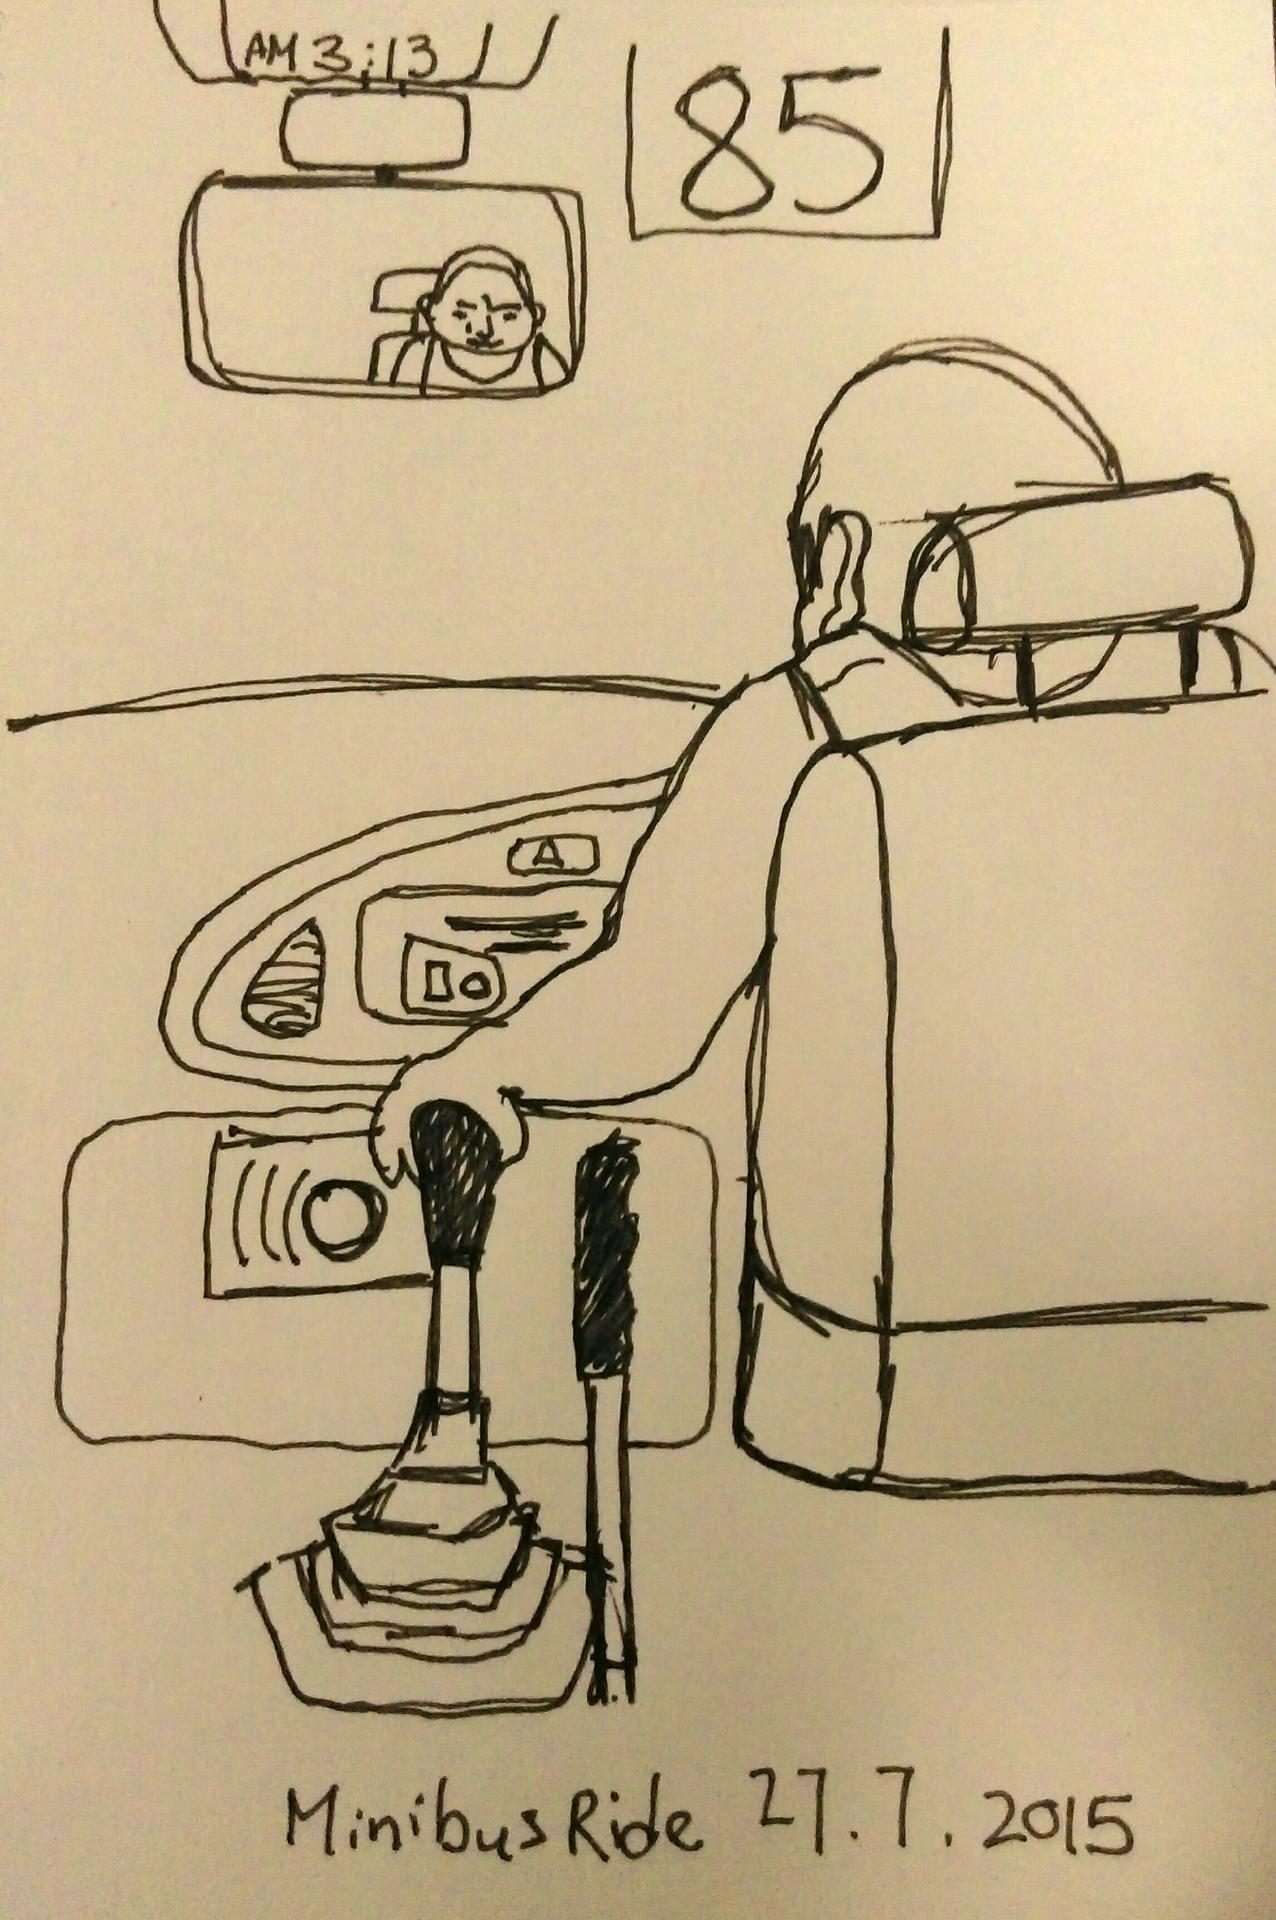 Minibus Driver, HK